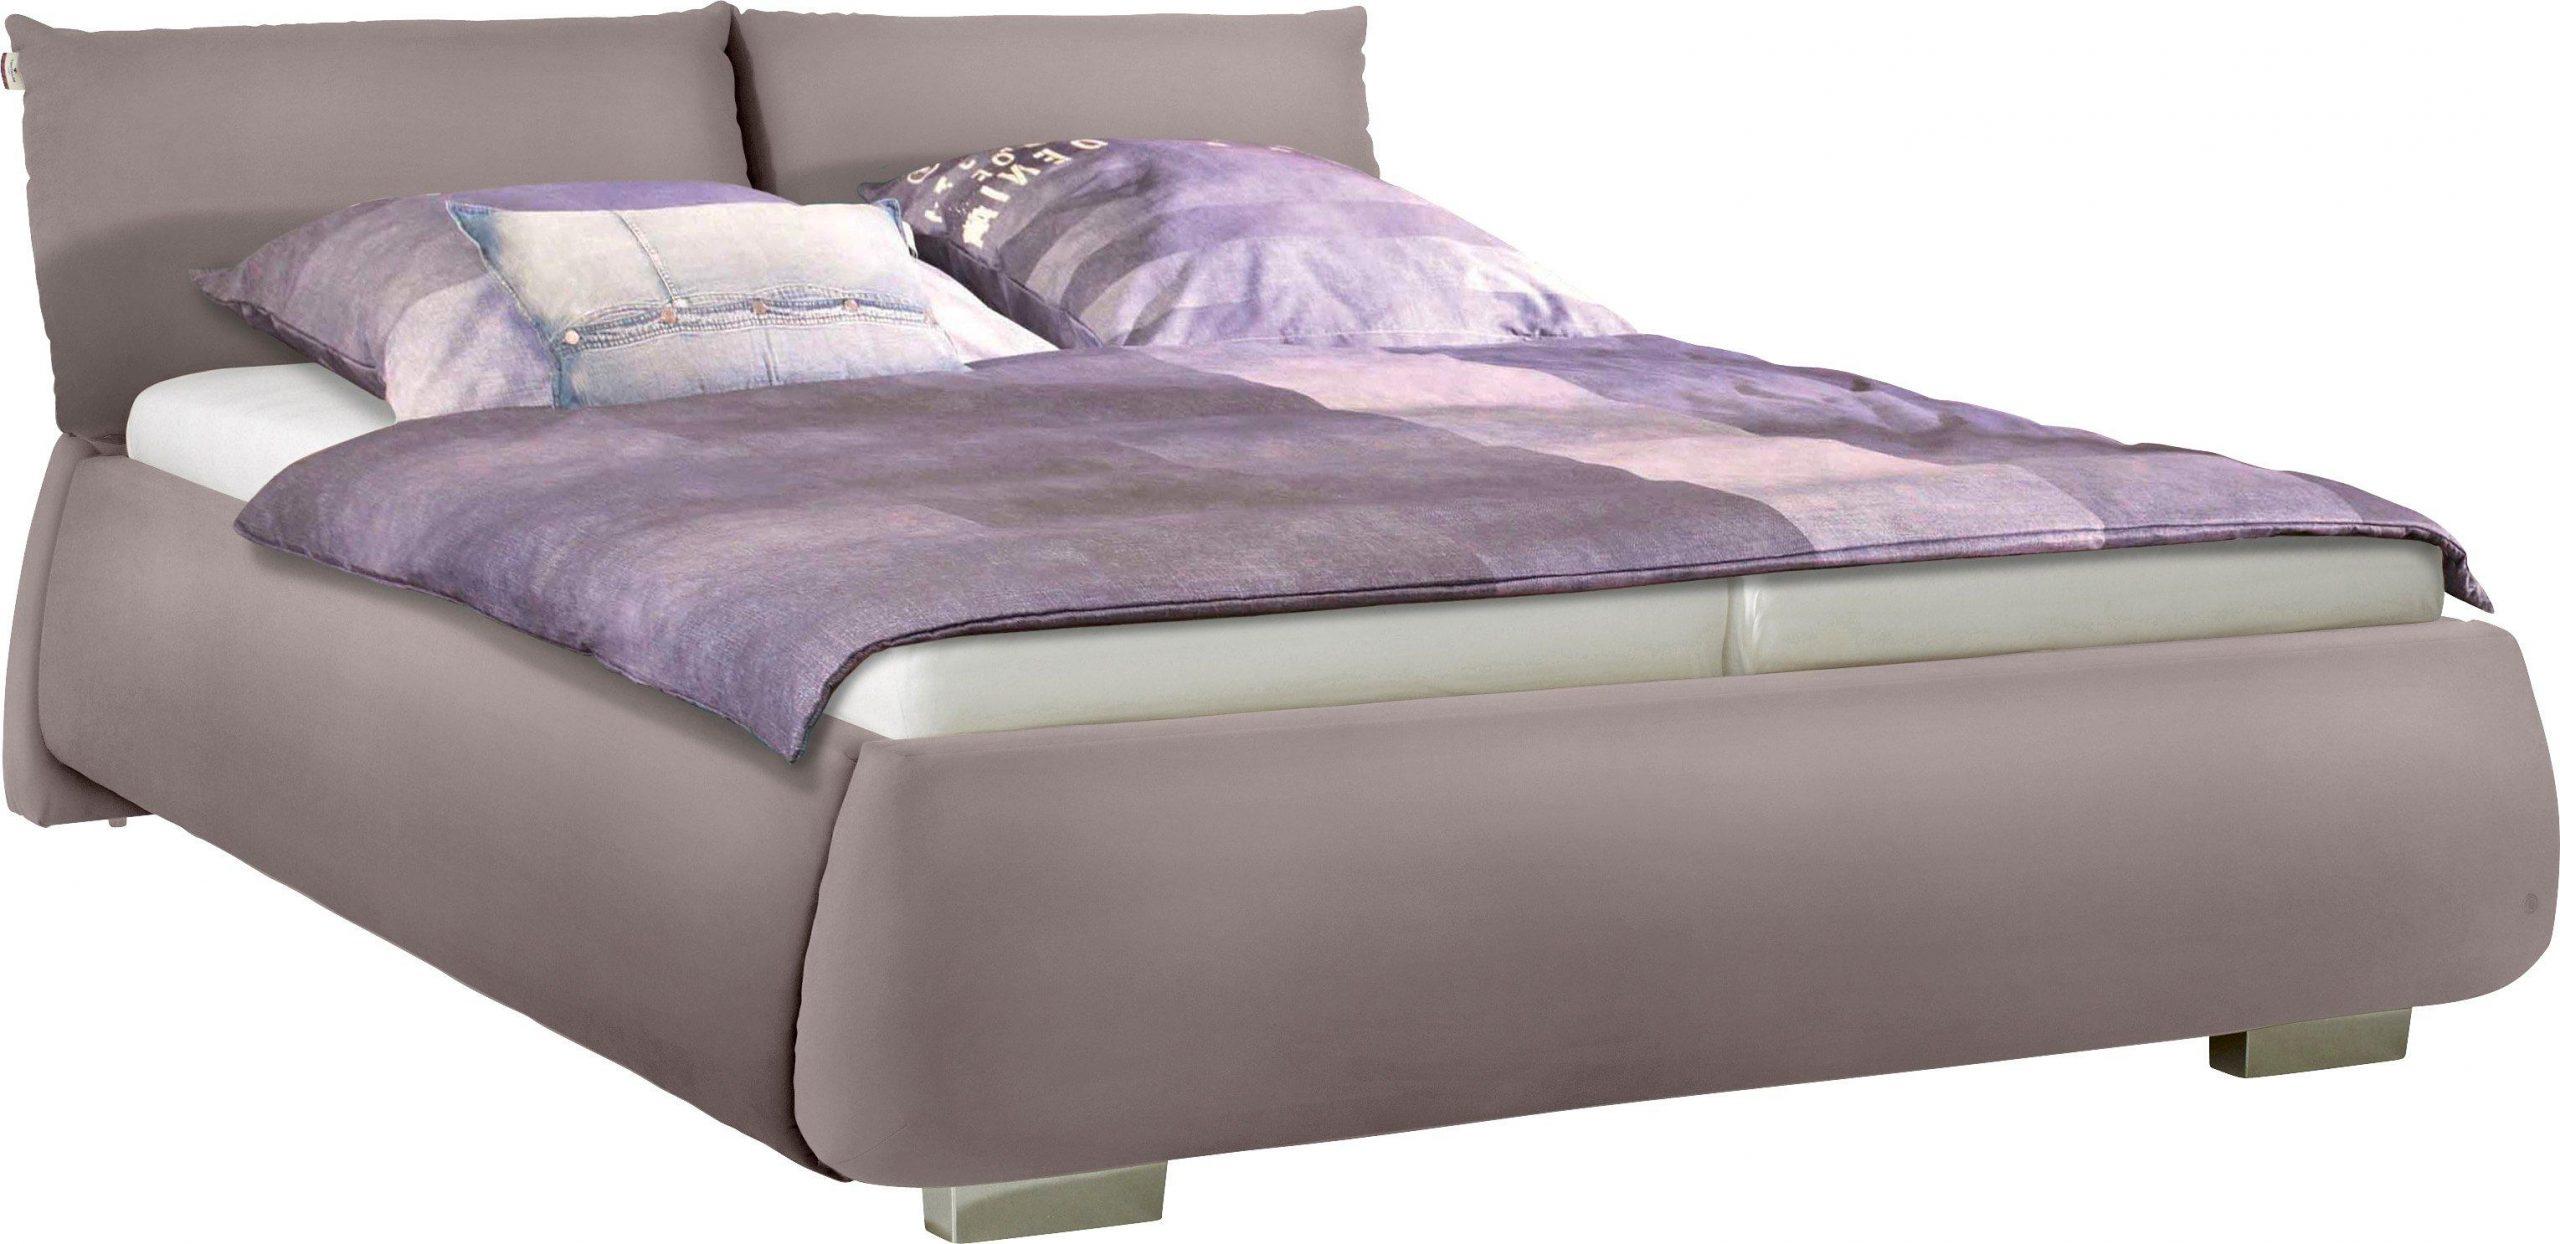 Full Size of Xxl Betten Günstige 180x200 Ebay Schramm 120x200 Günstig Kaufen 90x200 Treca Musterring 200x200 Bonprix Antike Bett Betten überlänge